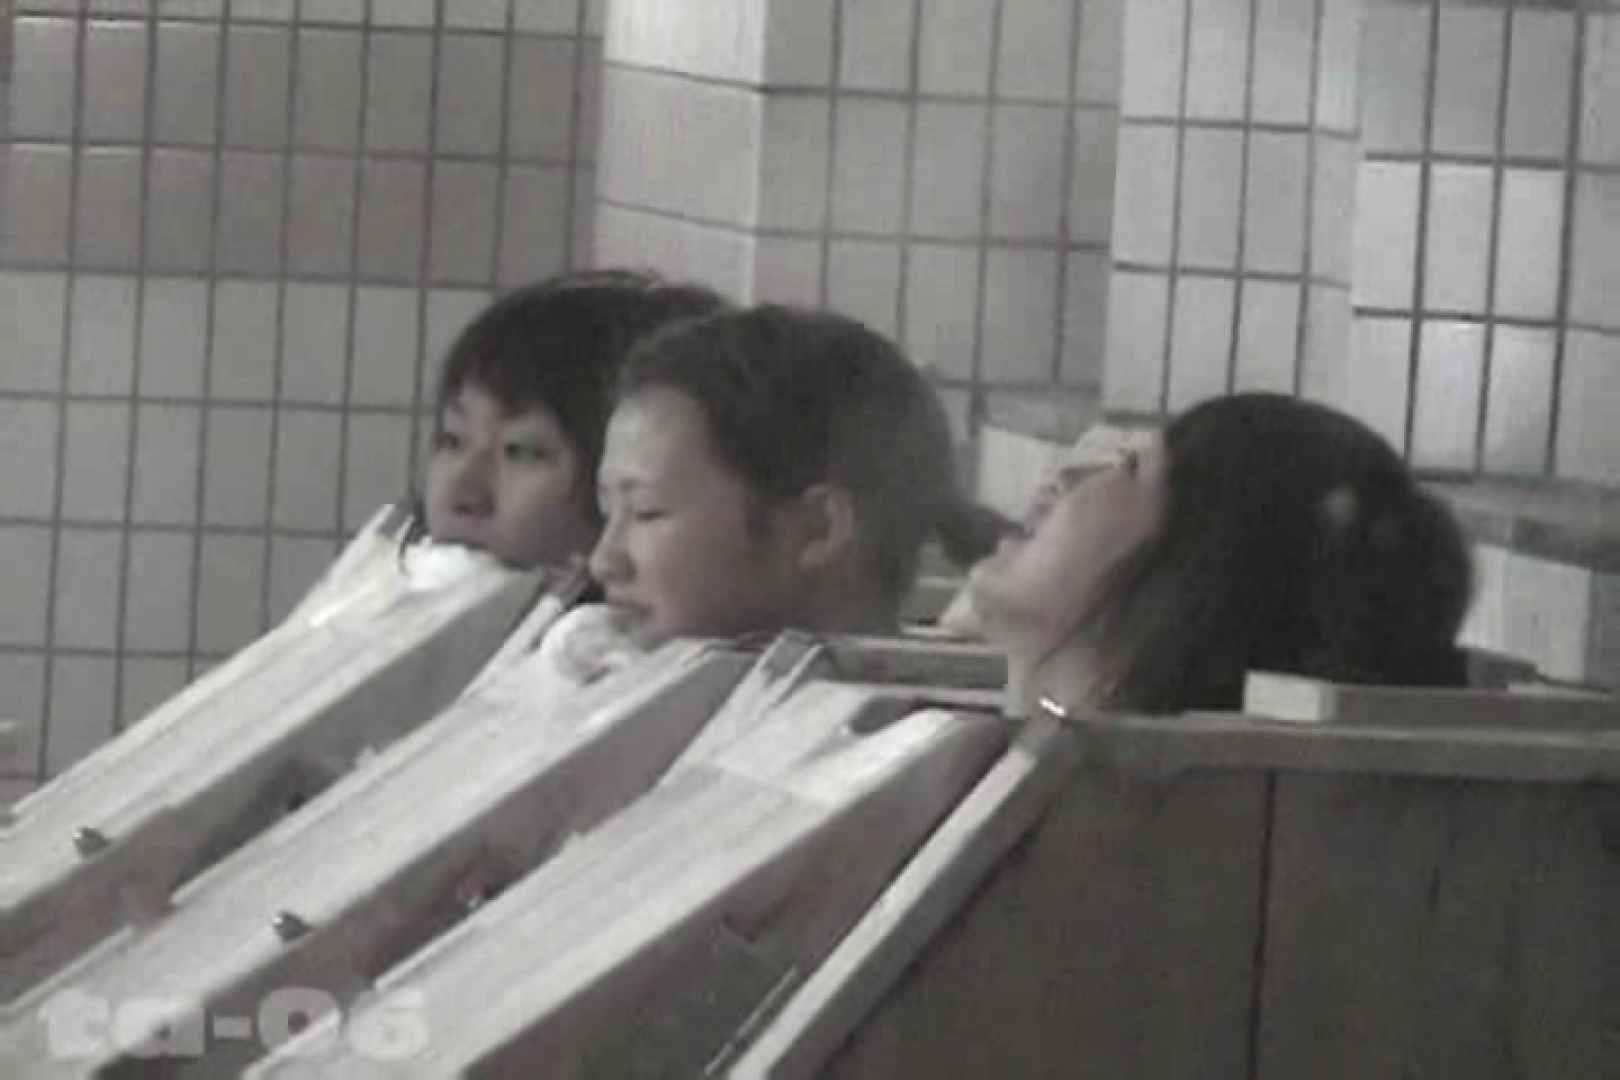 合宿ホテル女風呂盗撮高画質版 Vol.06 合宿 盗撮 108PIX 104